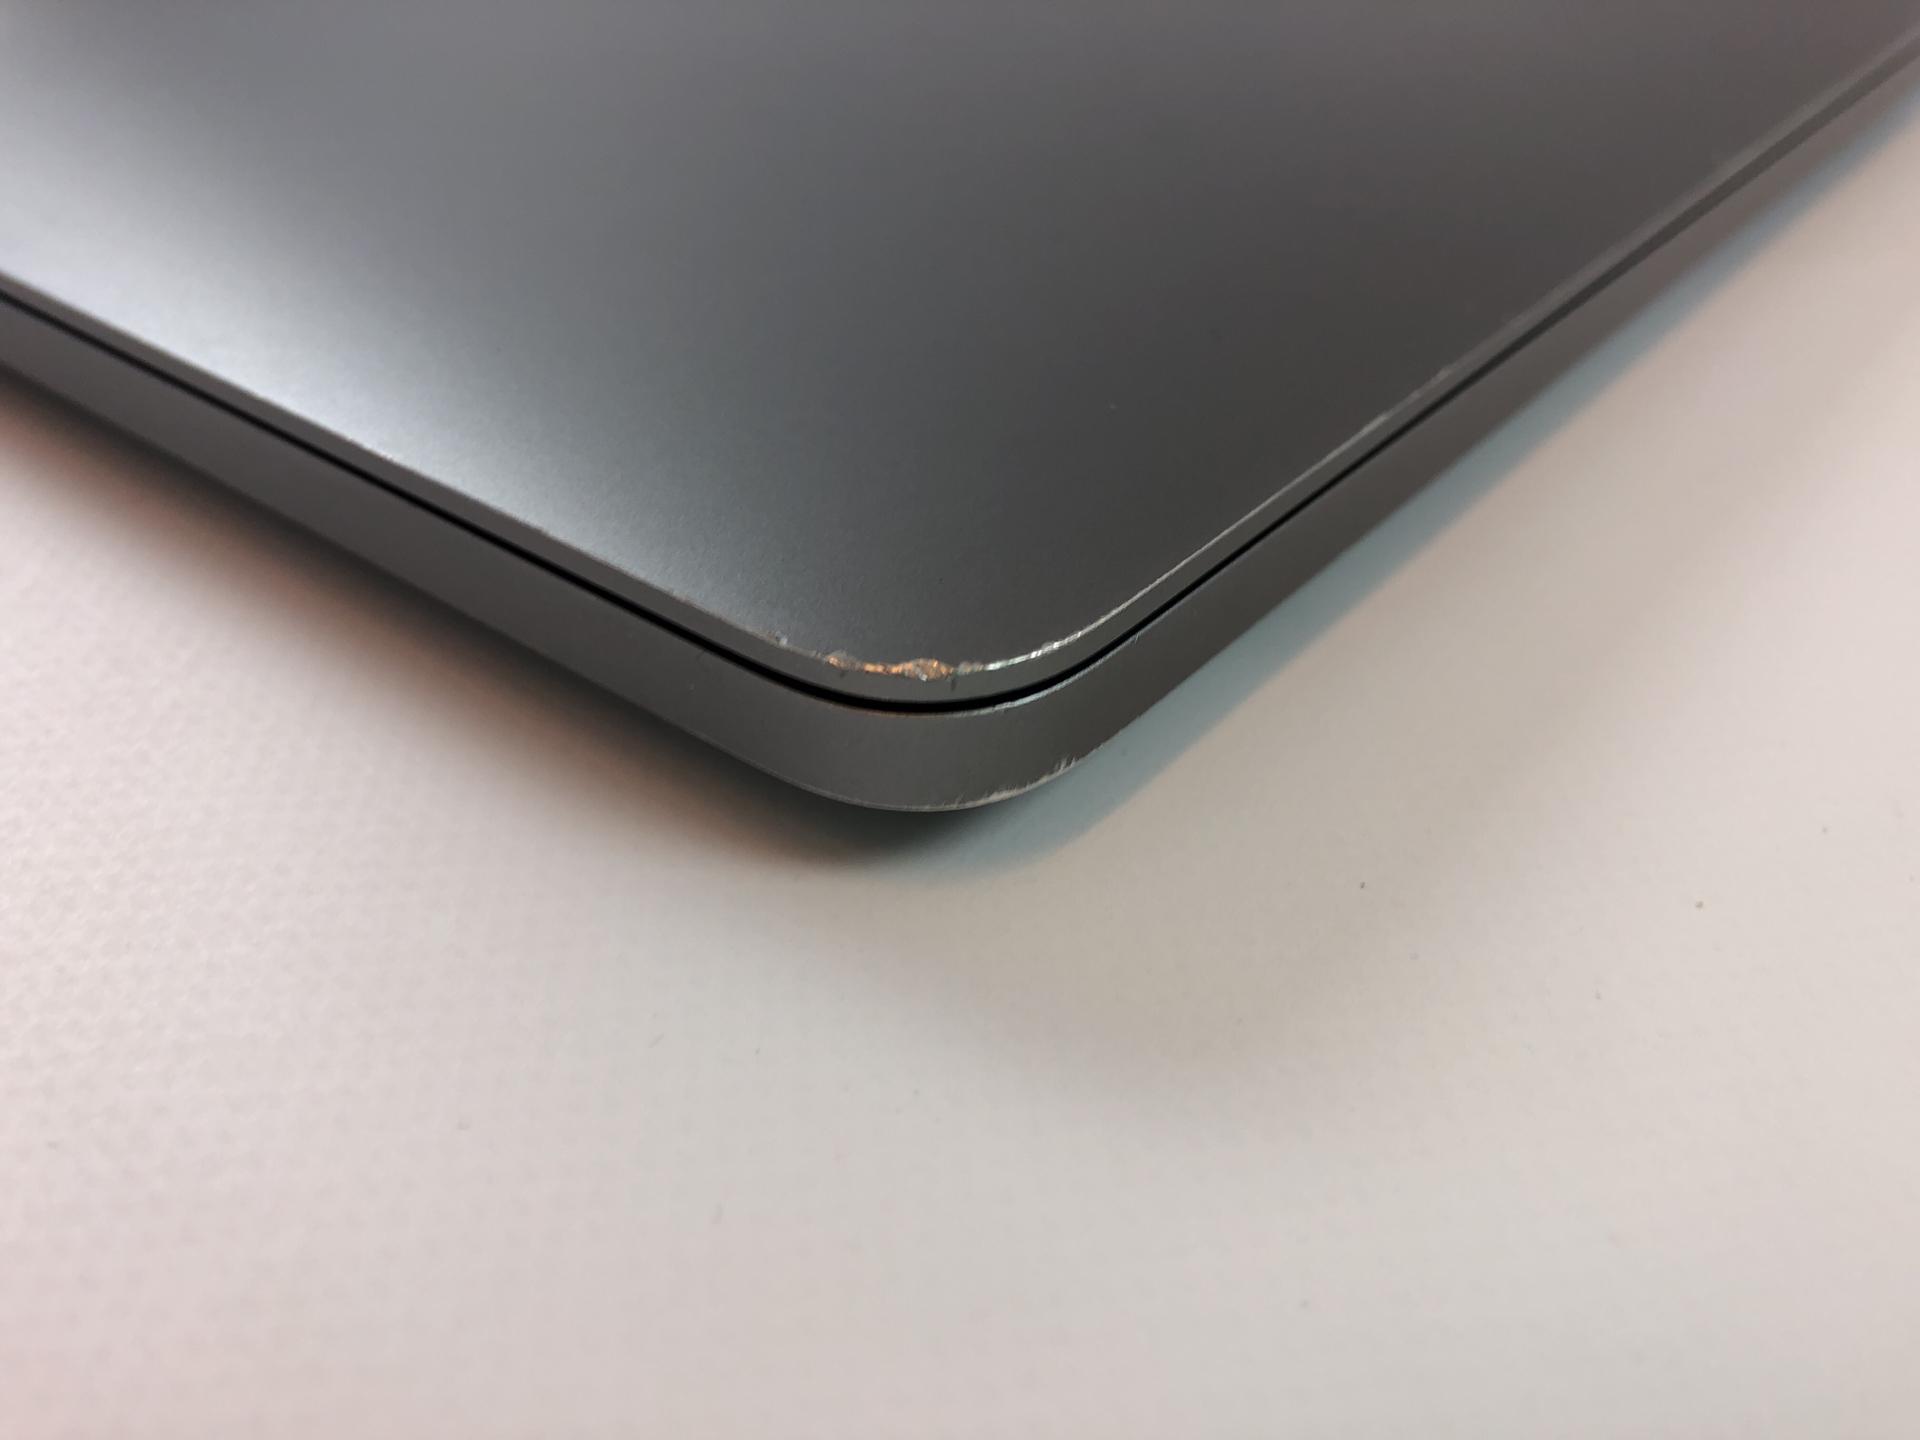 """MacBook Pro 15"""" Touch Bar Mid 2017 (Intel Quad-Core i7 2.8 GHz 16 GB RAM 512 GB SSD), Space Gray, Intel Quad-Core i7 2.8 GHz, 16 GB RAM, 512 GB SSD, Kuva 5"""